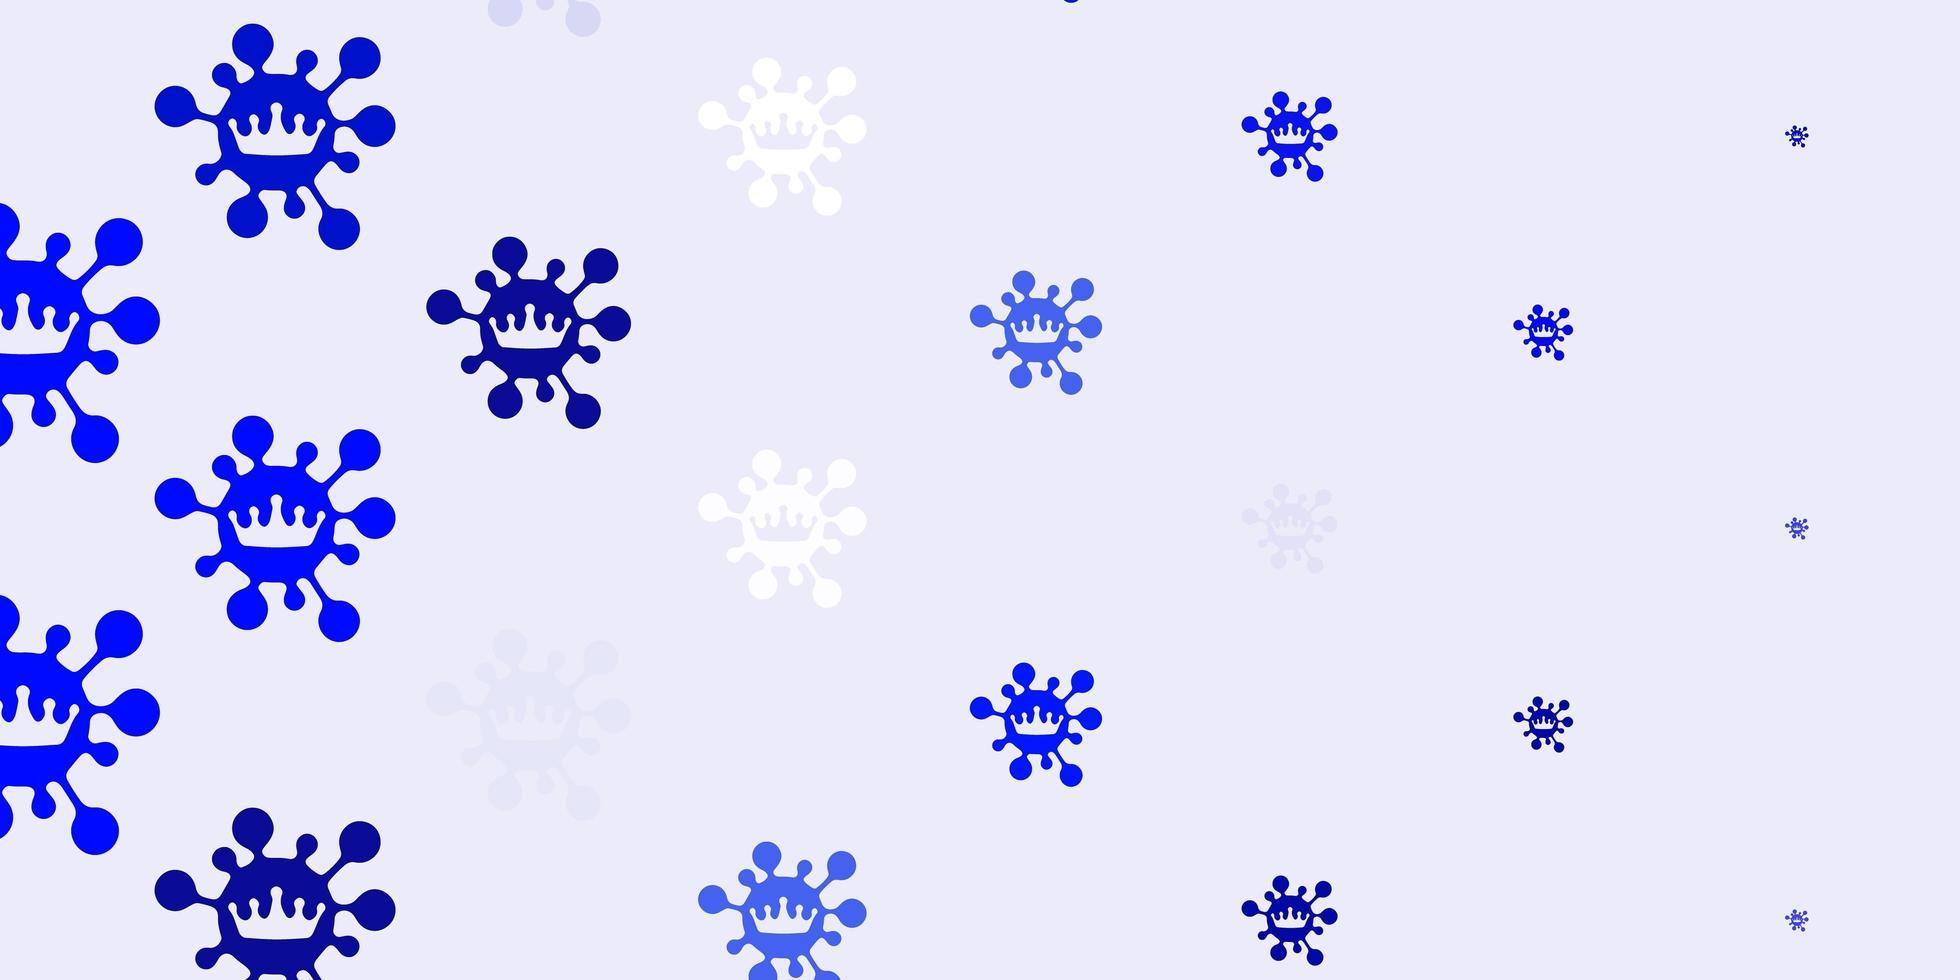 ljusblå vektor bakgrund med covid-19 symboler